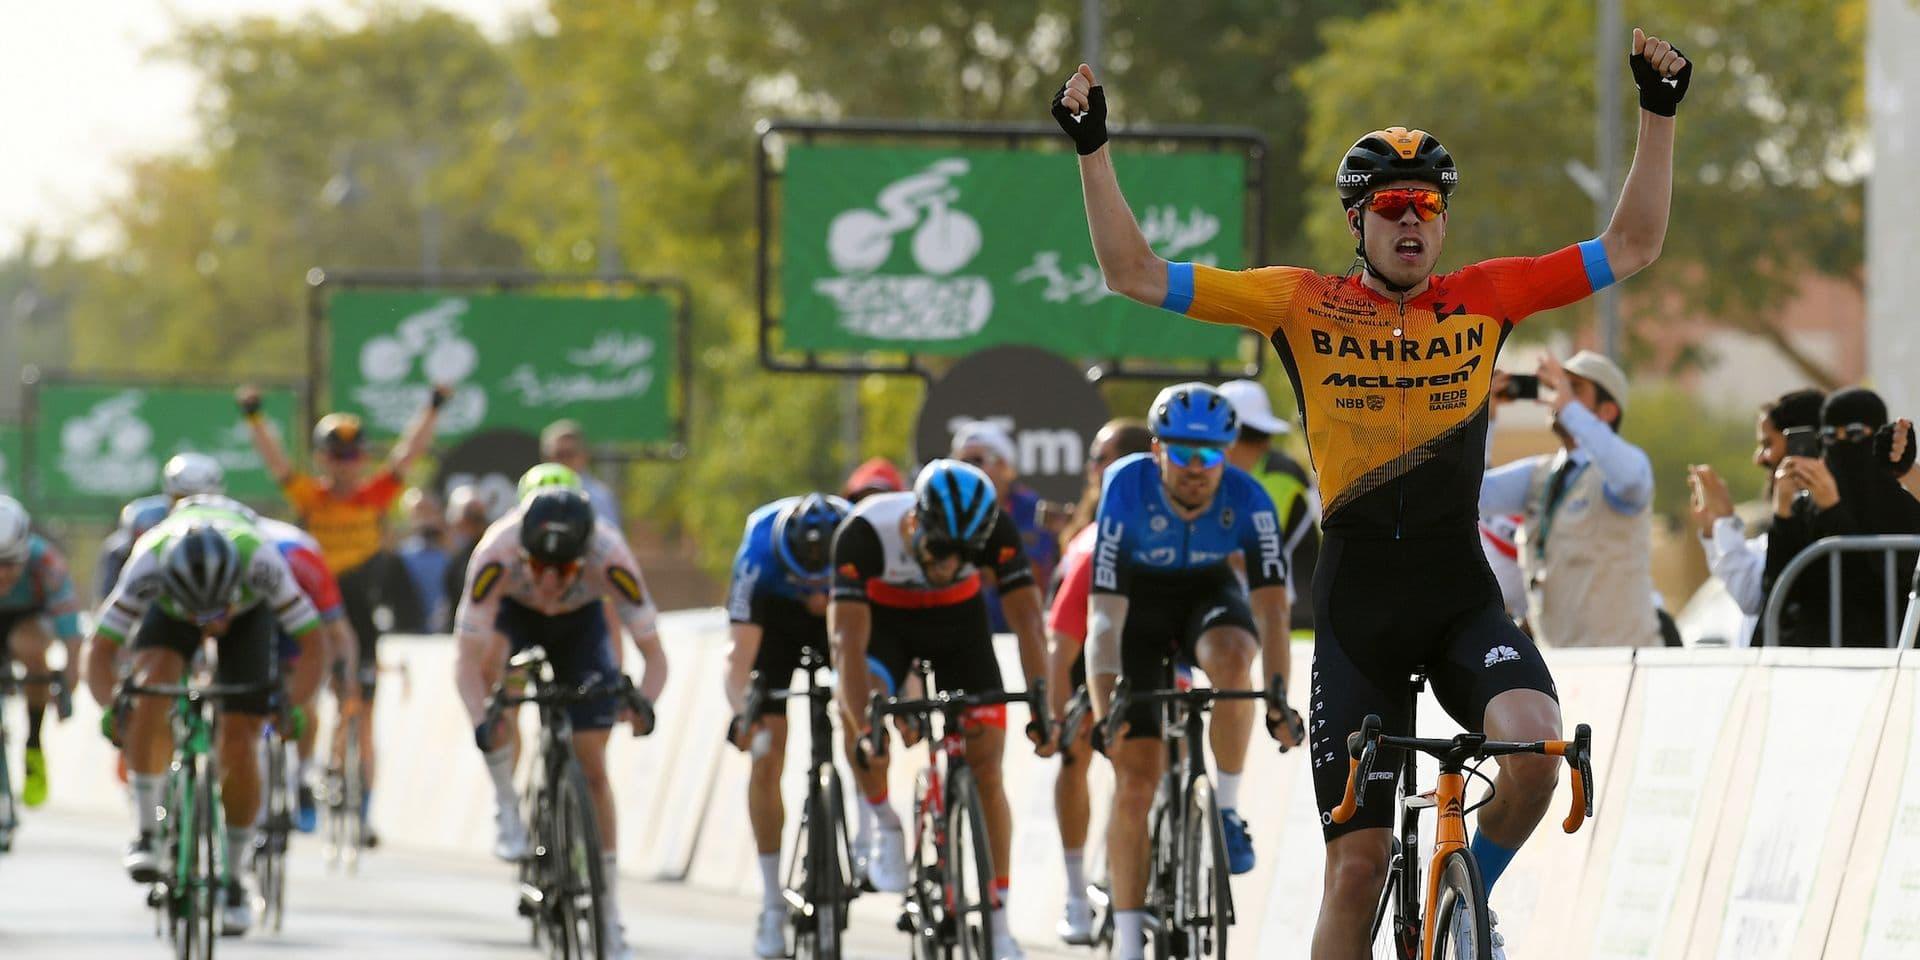 Tour de la Provence: Bauhaus gagne la dernière étape au sprint, Sosa vainqueur final